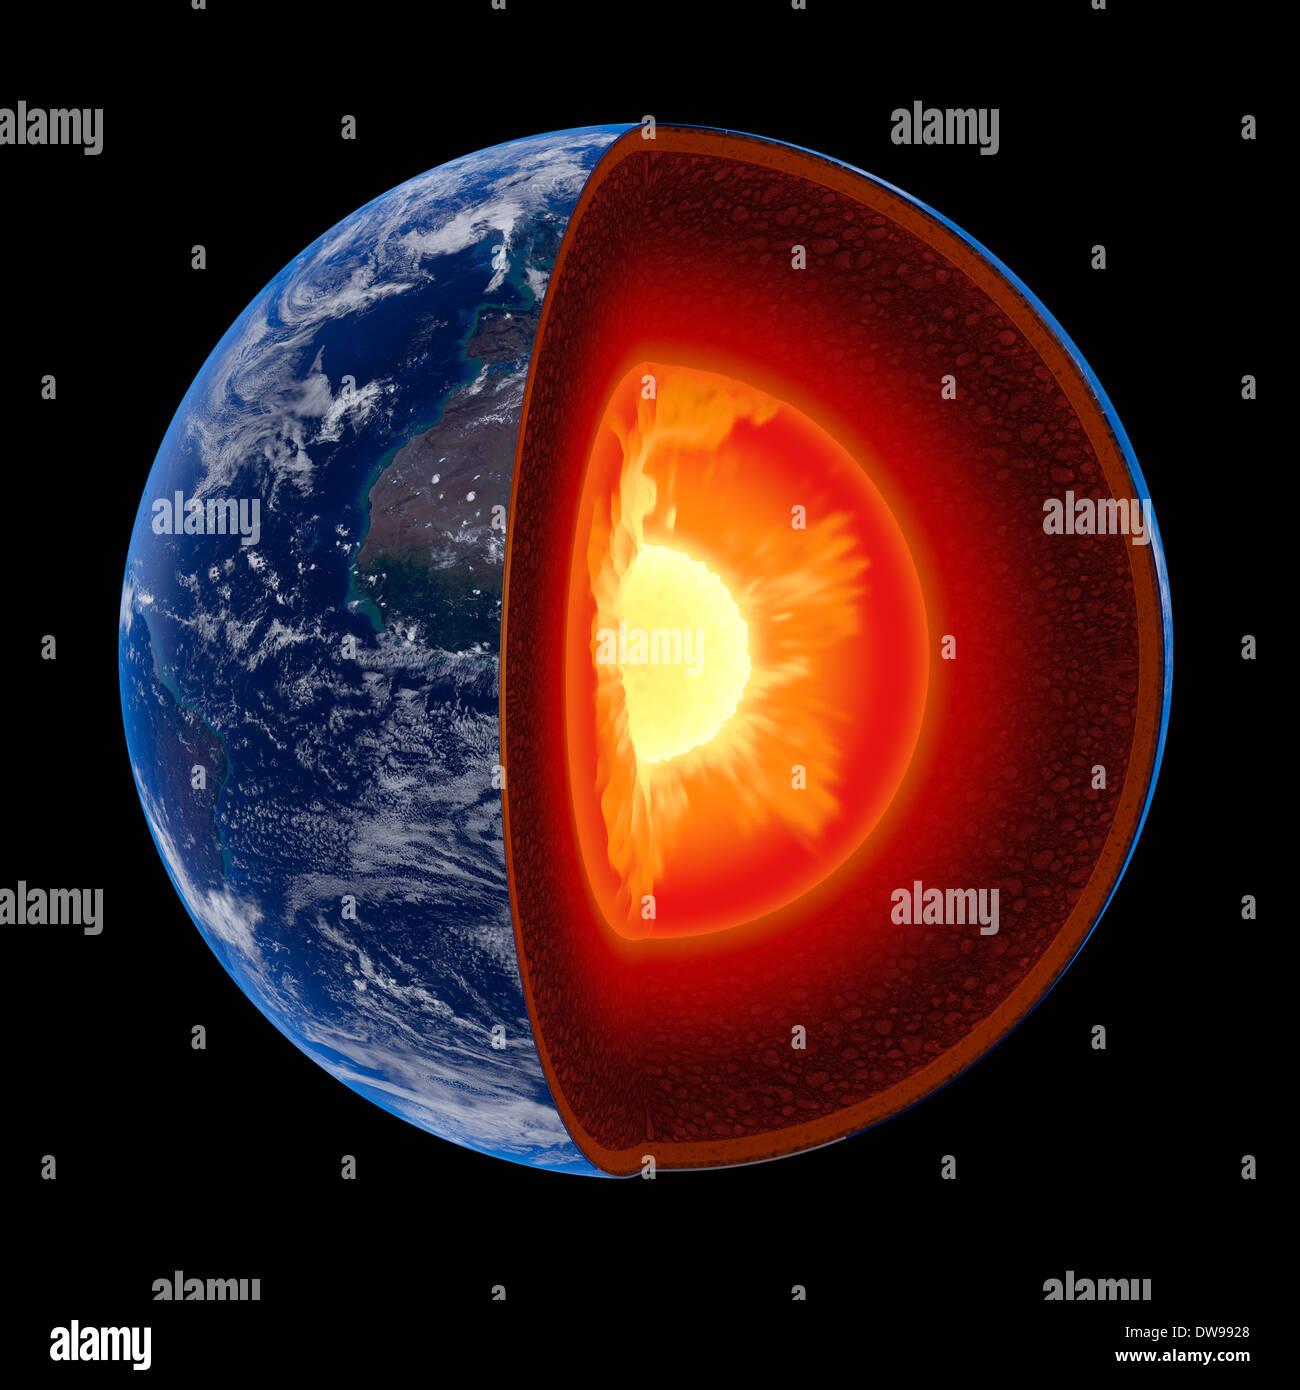 Erde-Kernstruktur illustriert mit geologischen Schichten nach Skala - isoliert auf schwarz (Textur-Maps von der NASA) Stockbild